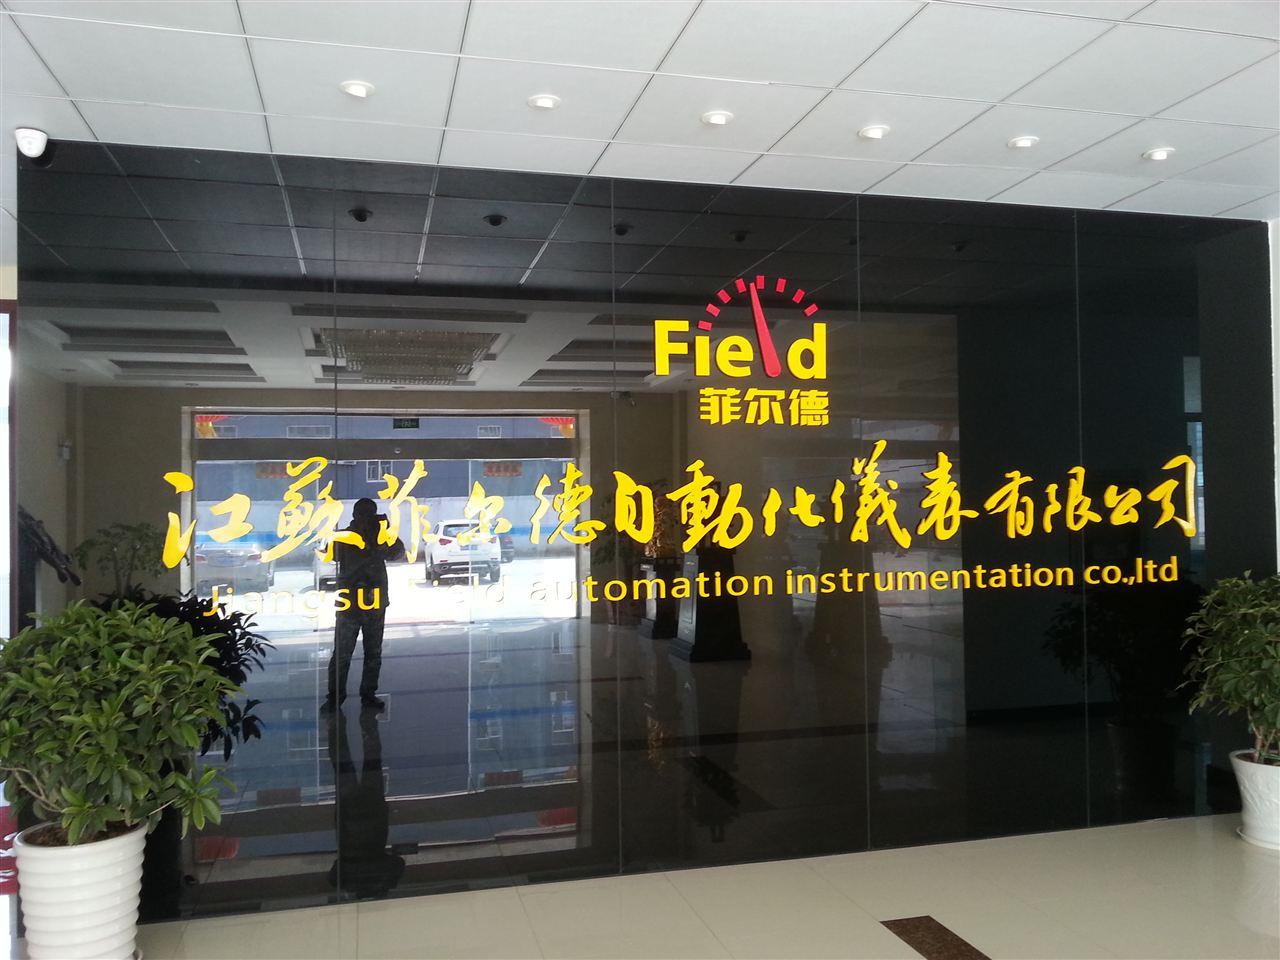 江苏菲尔德自动化仪表有限公司